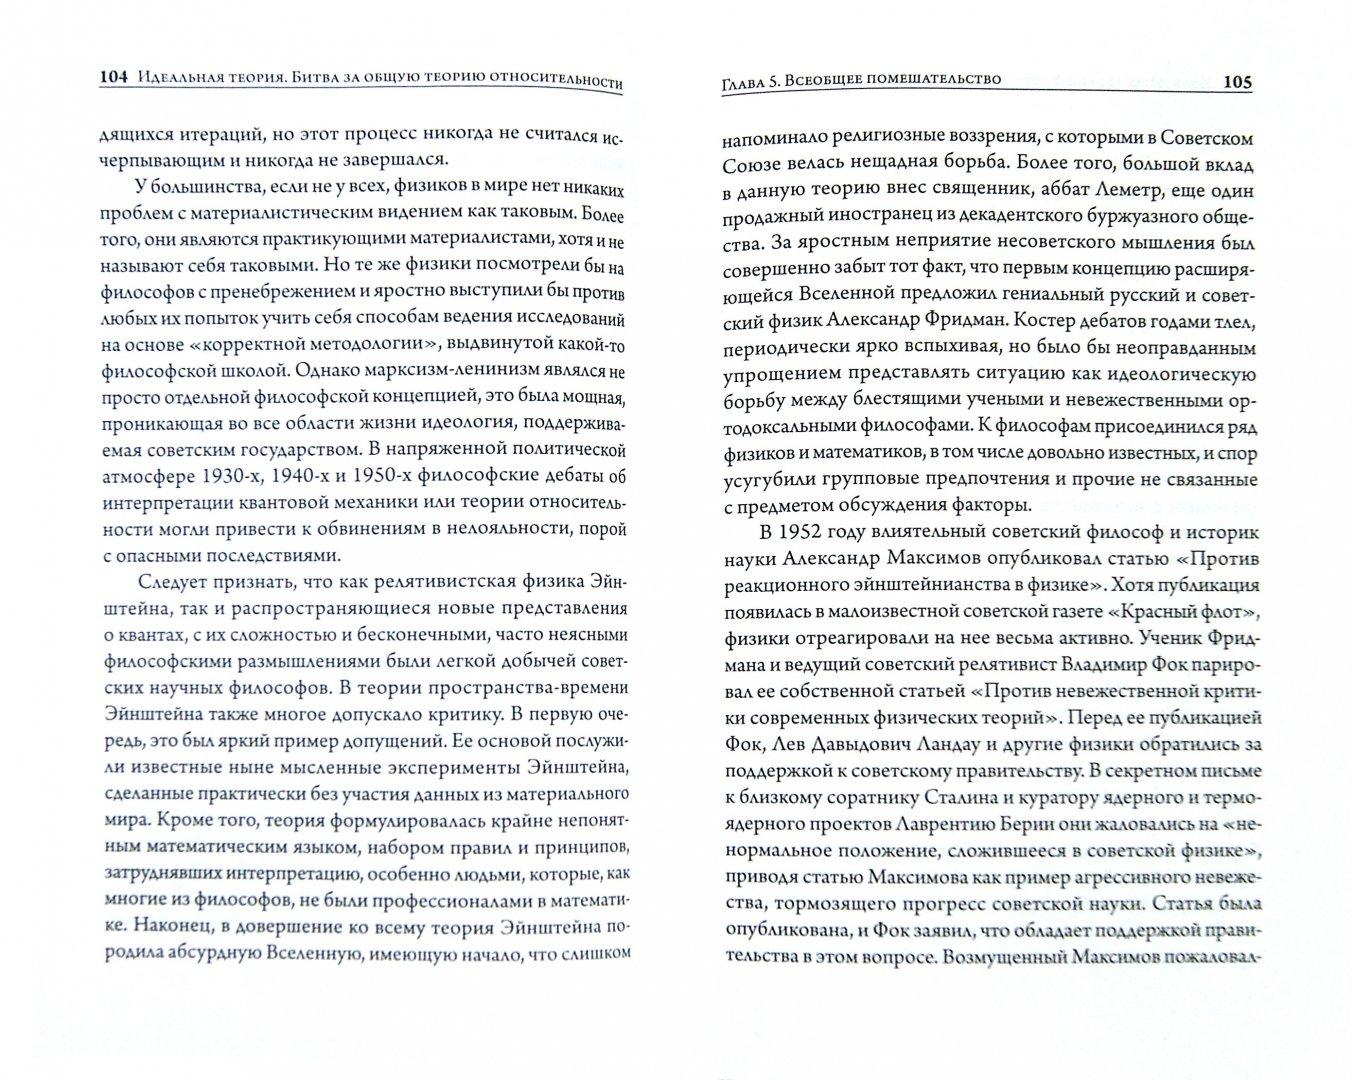 Иллюстрация 1 из 17 для Идеальная теория. Битва за общую теорию относительности - Педро Феррейра   Лабиринт - книги. Источник: Лабиринт